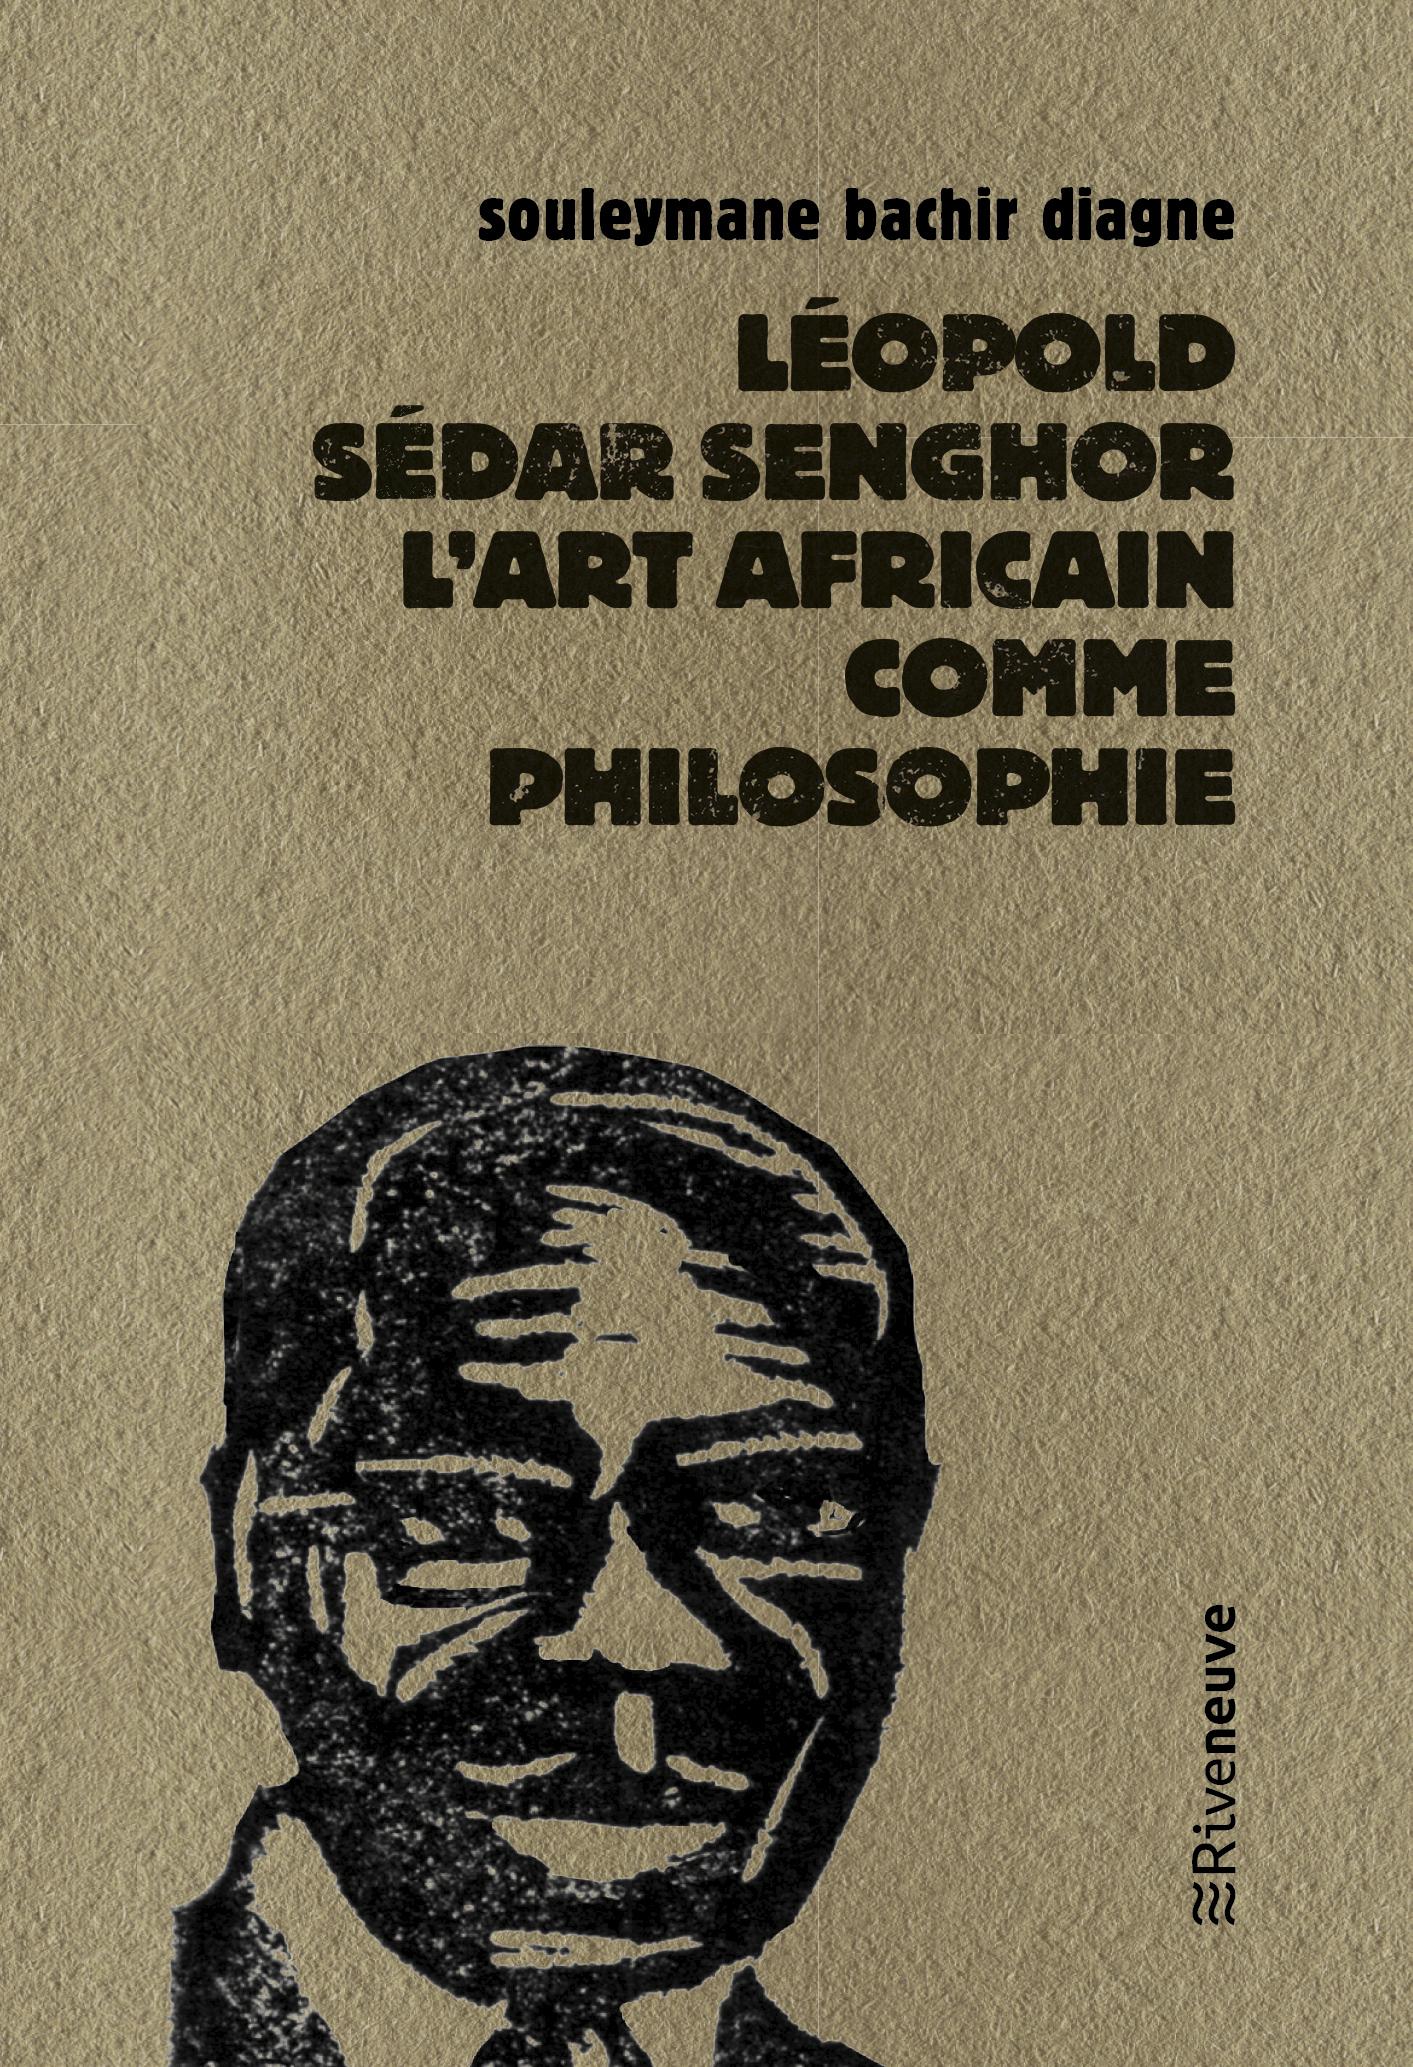 S. B. Diagne, Léopold Sedar Senghor l'art africain comme philosophie